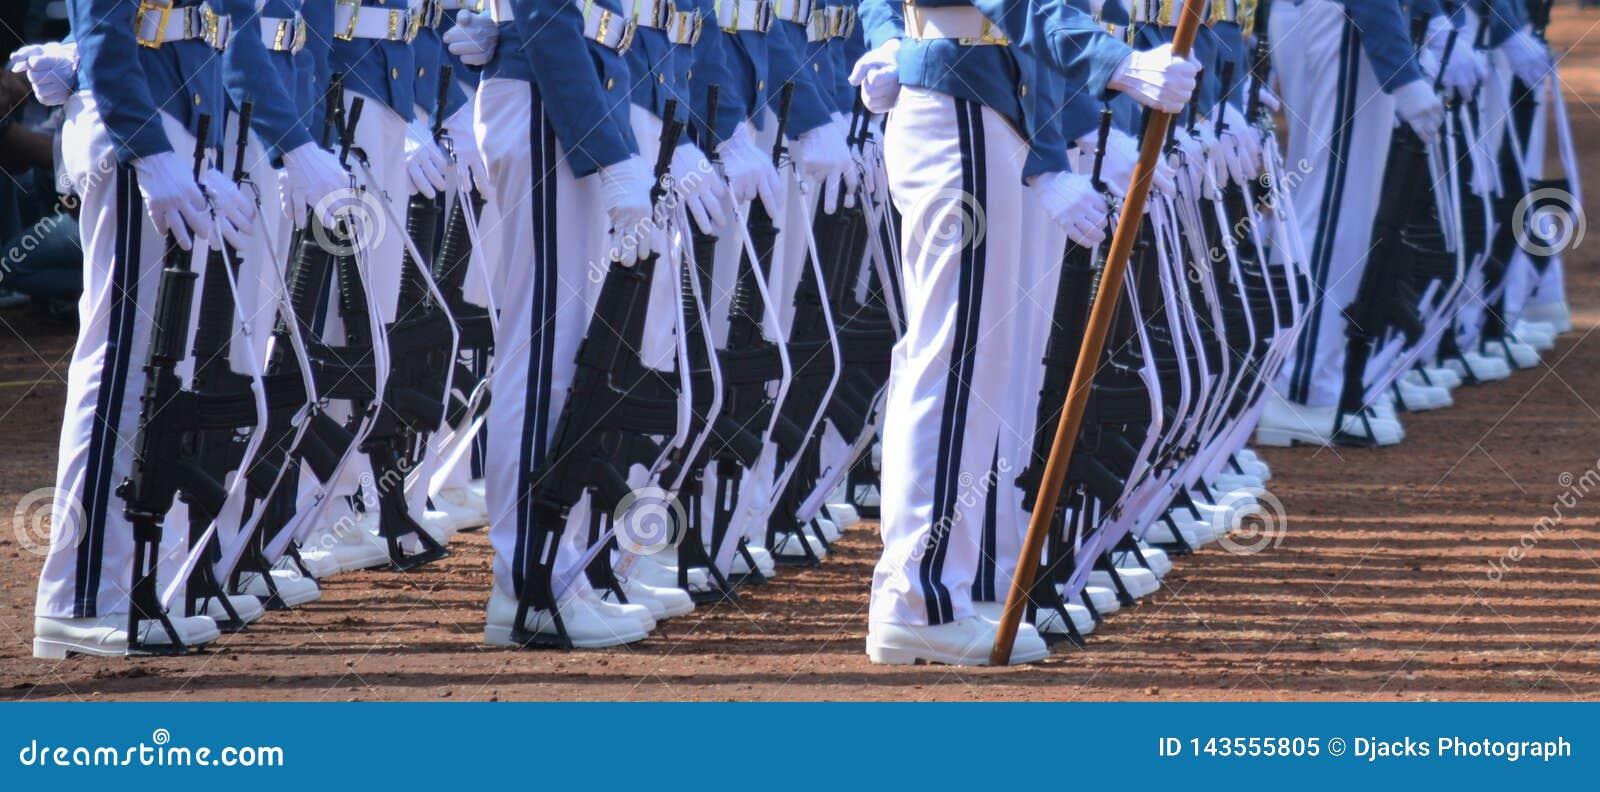 Rzędy ceremonialni oddziały wojskowi